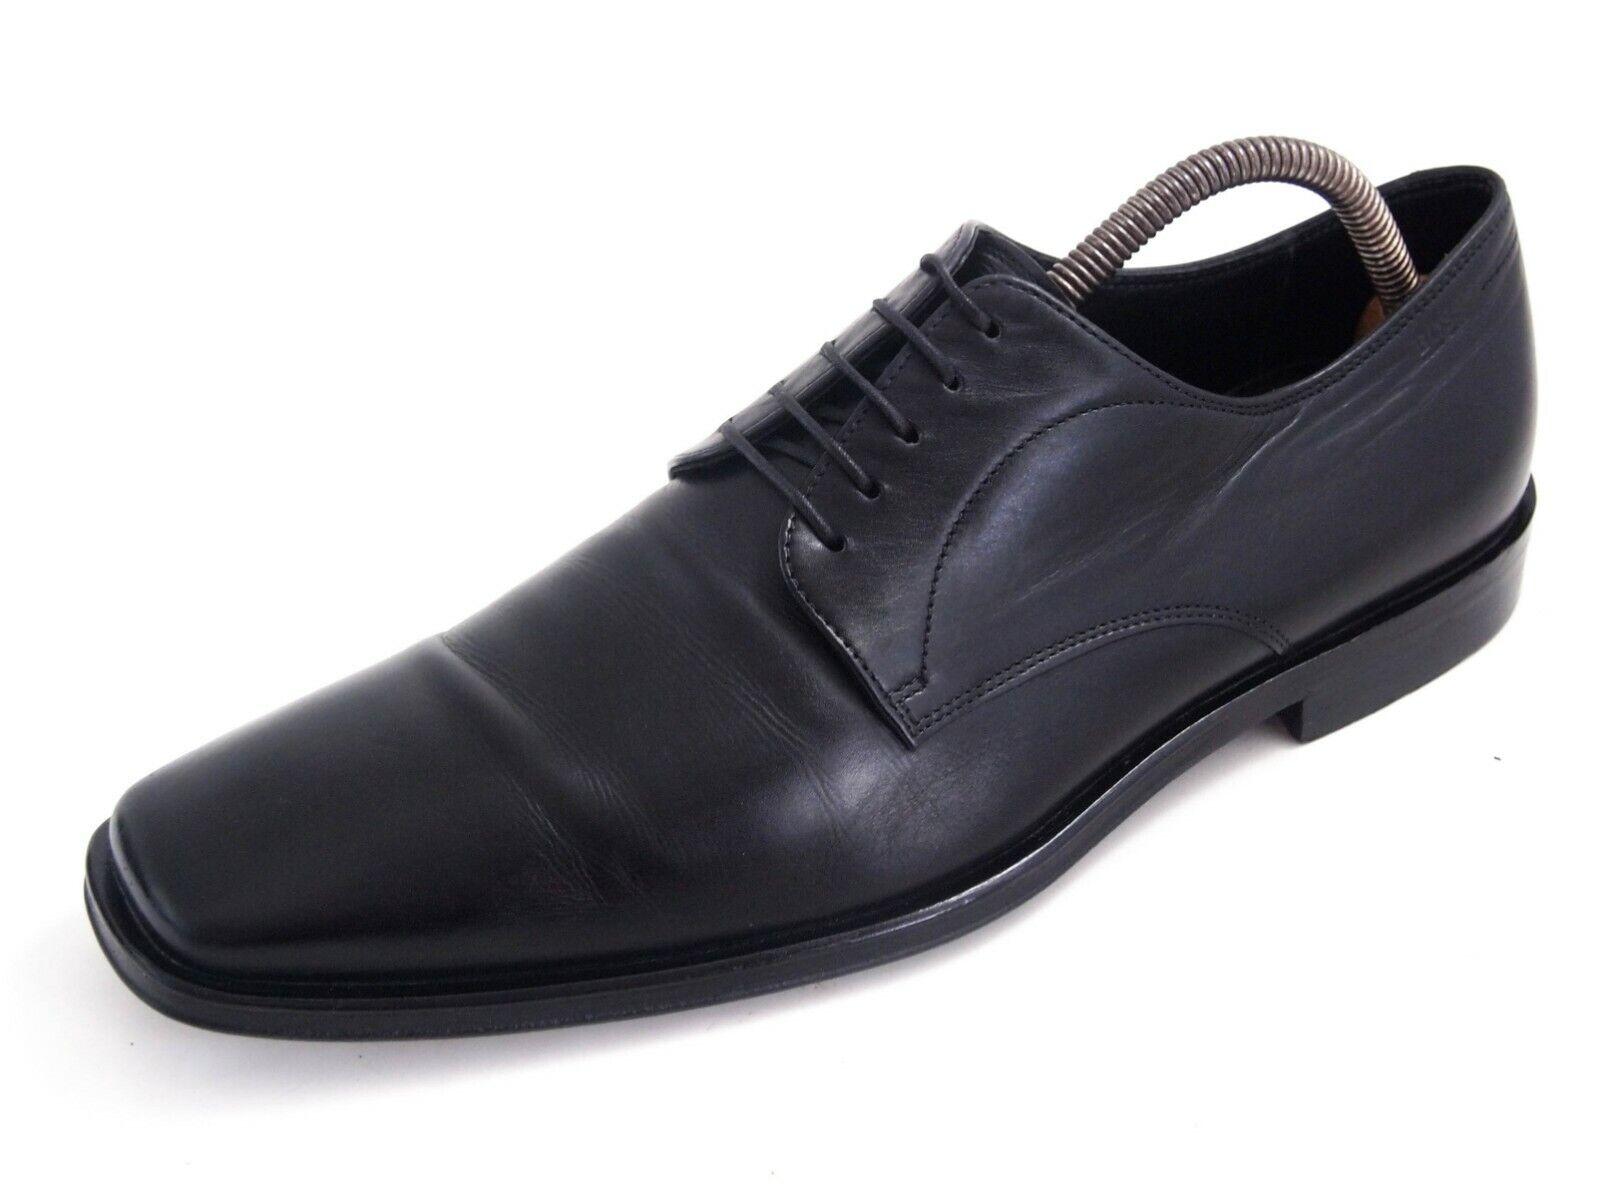 Hugo Boss Oxfords Tamaño de Cuero Negro Para Hombre Zapato nos 8.5